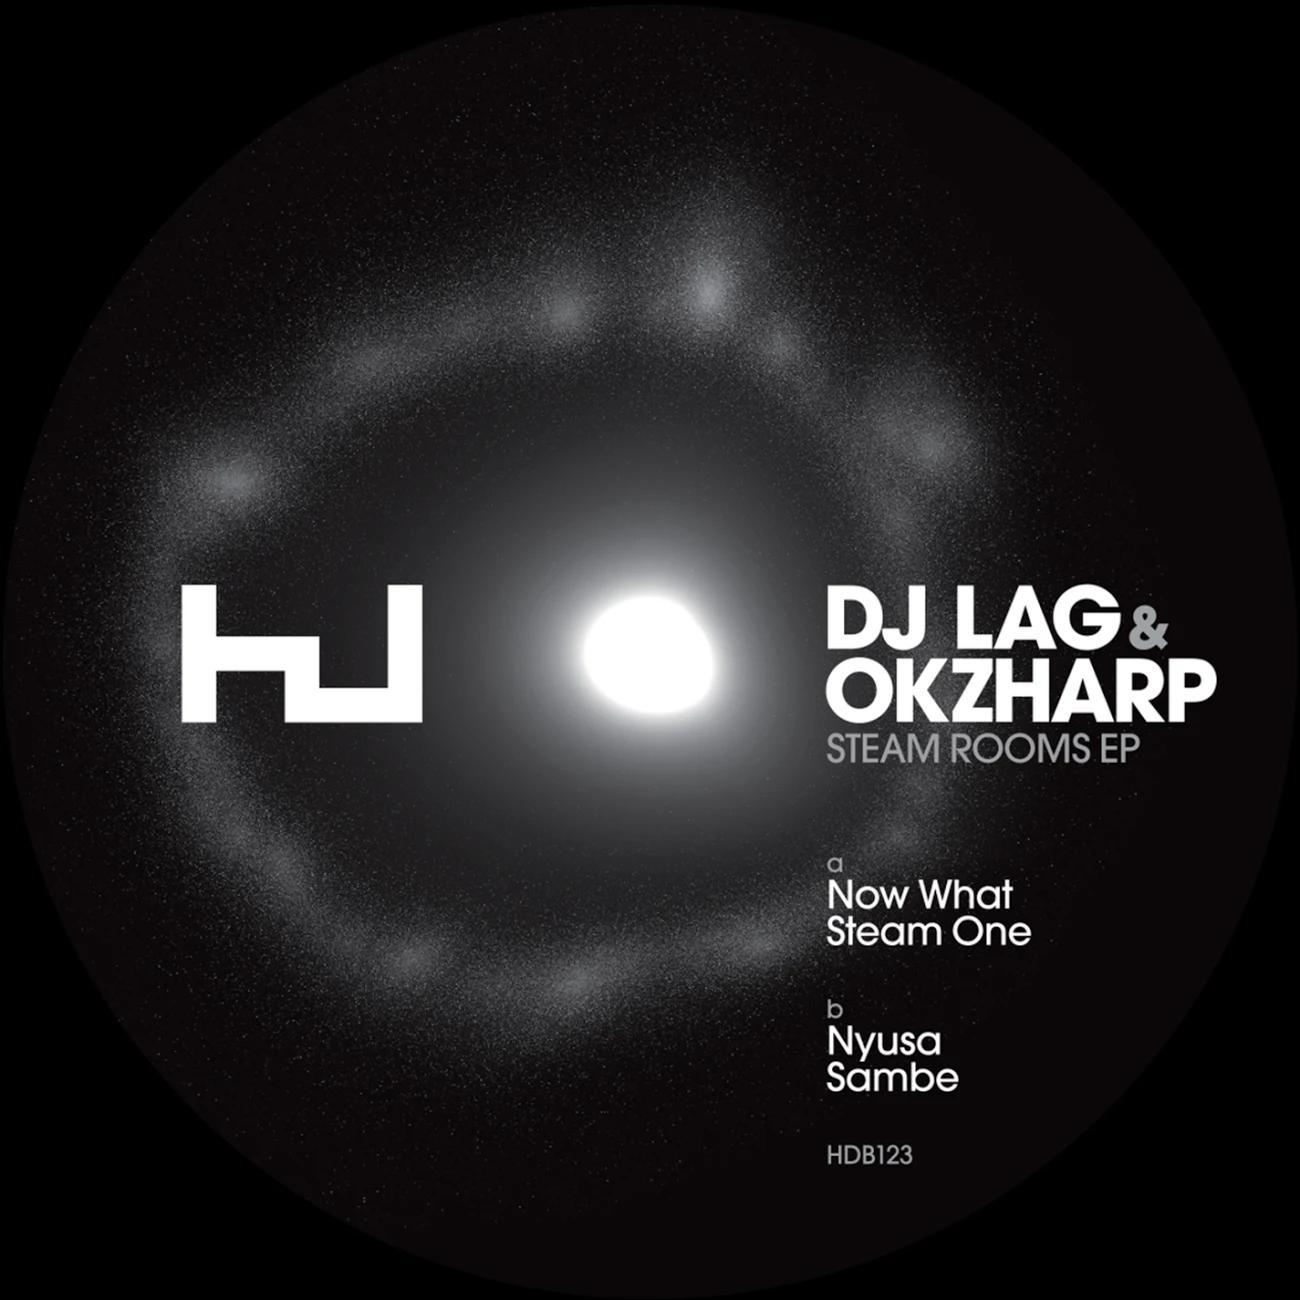 DJ Lag OKZharp Steam Rooms EP - EP:DJ LAG Ft. Okzharp – Steam Rooms